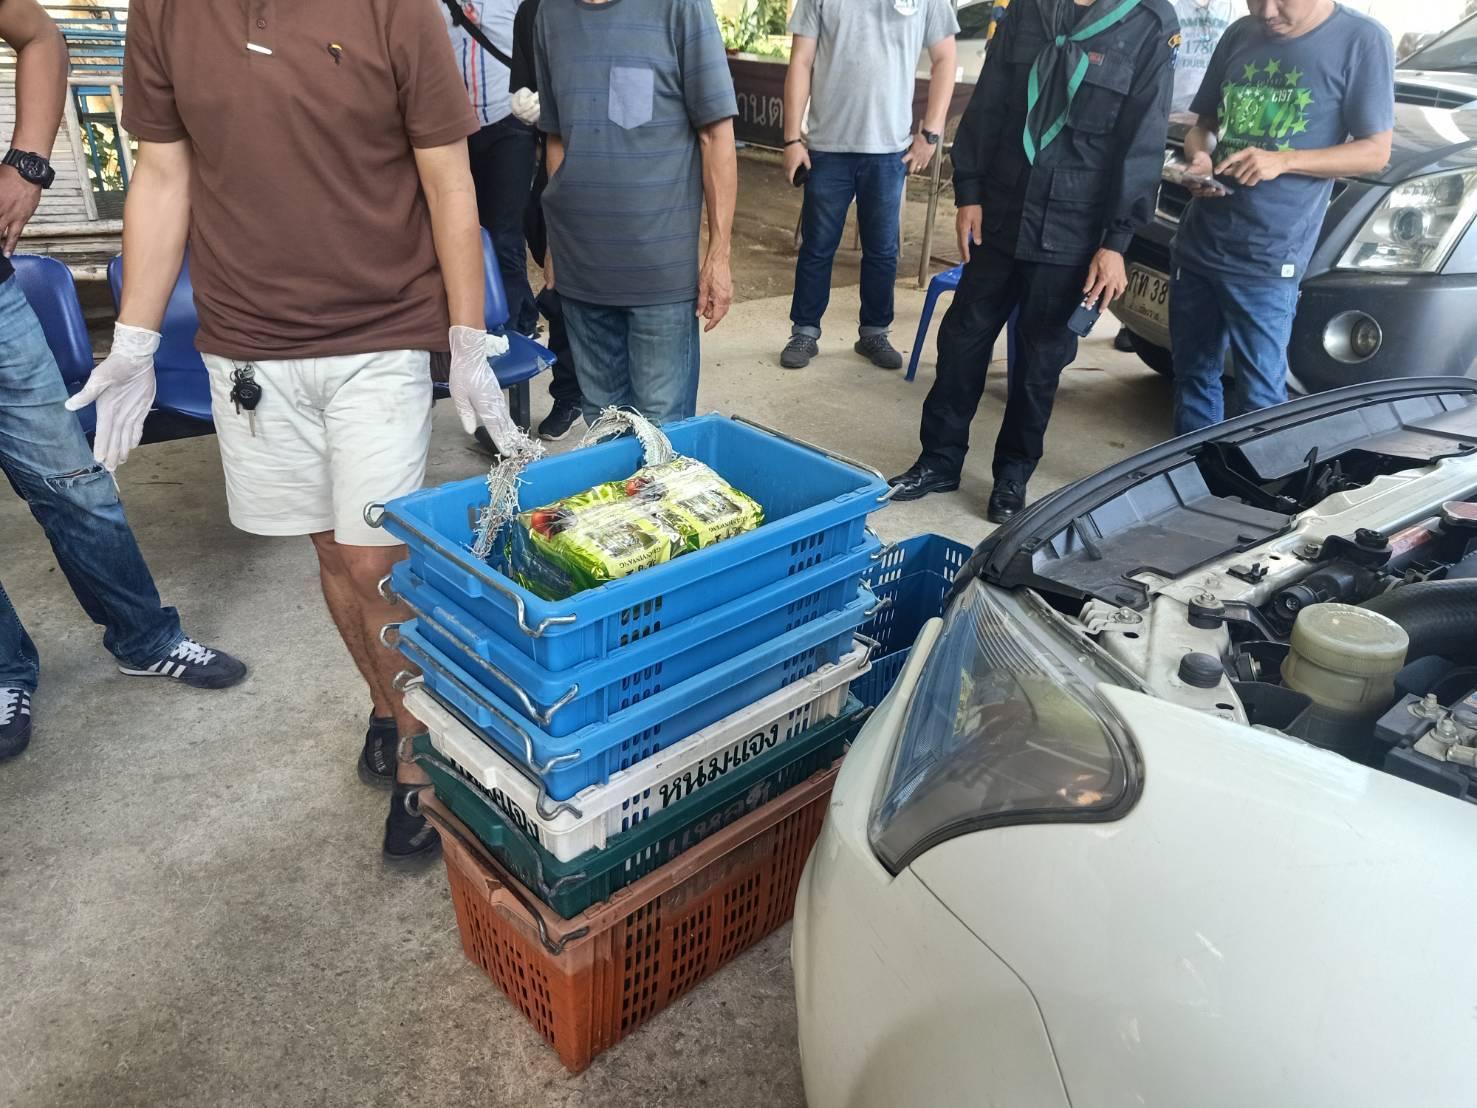 เนียนเนียนหวังรวย!!! รถยนต์ขนผลไม้ราชบุรี แอบซุกยาไอซ์ในตะกร้าผลไม้